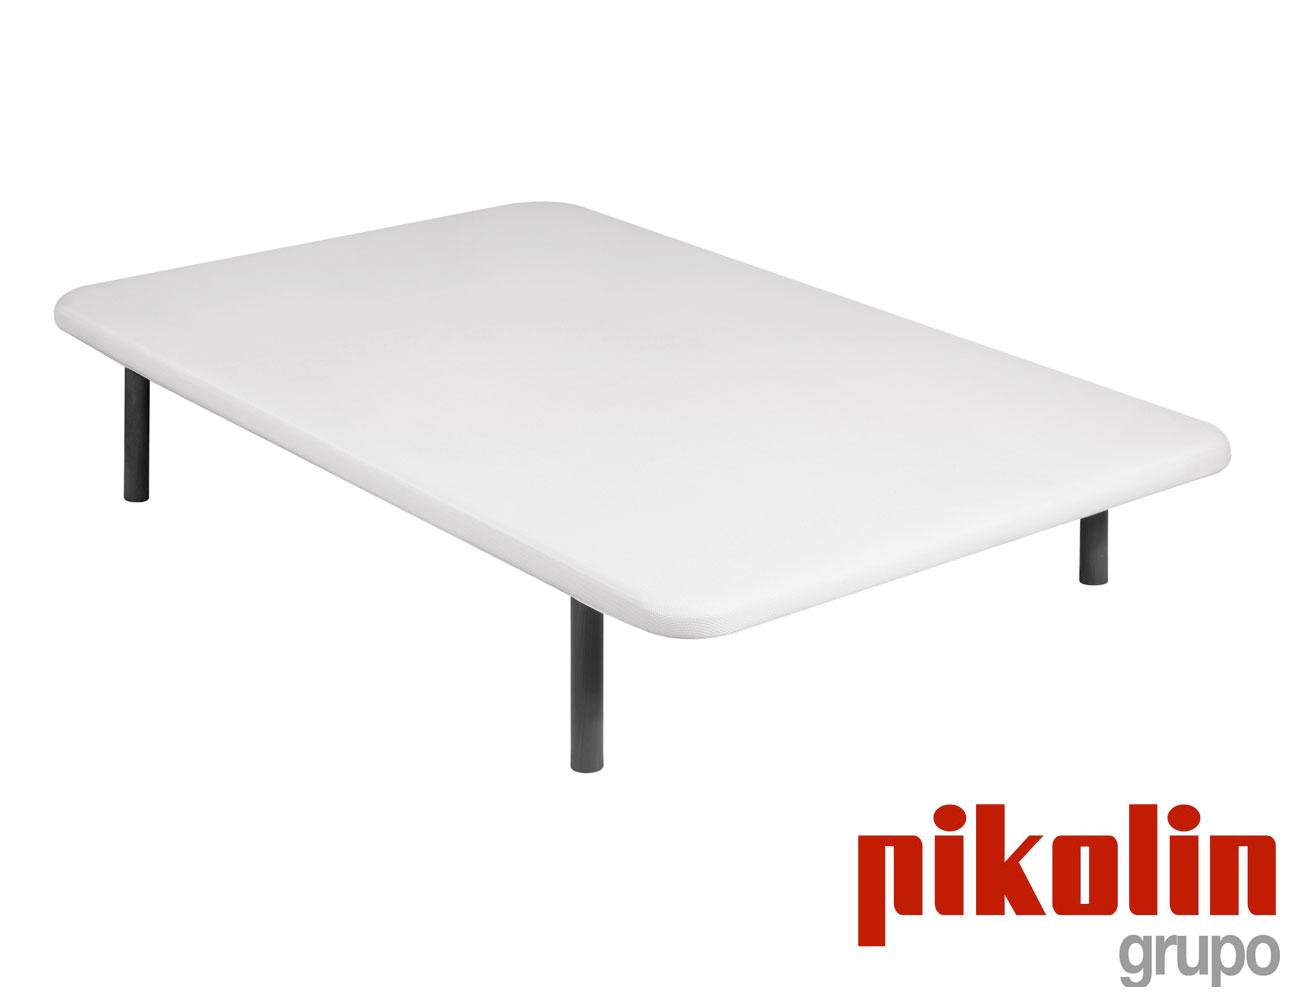 Base tapizada pikolin blanca7